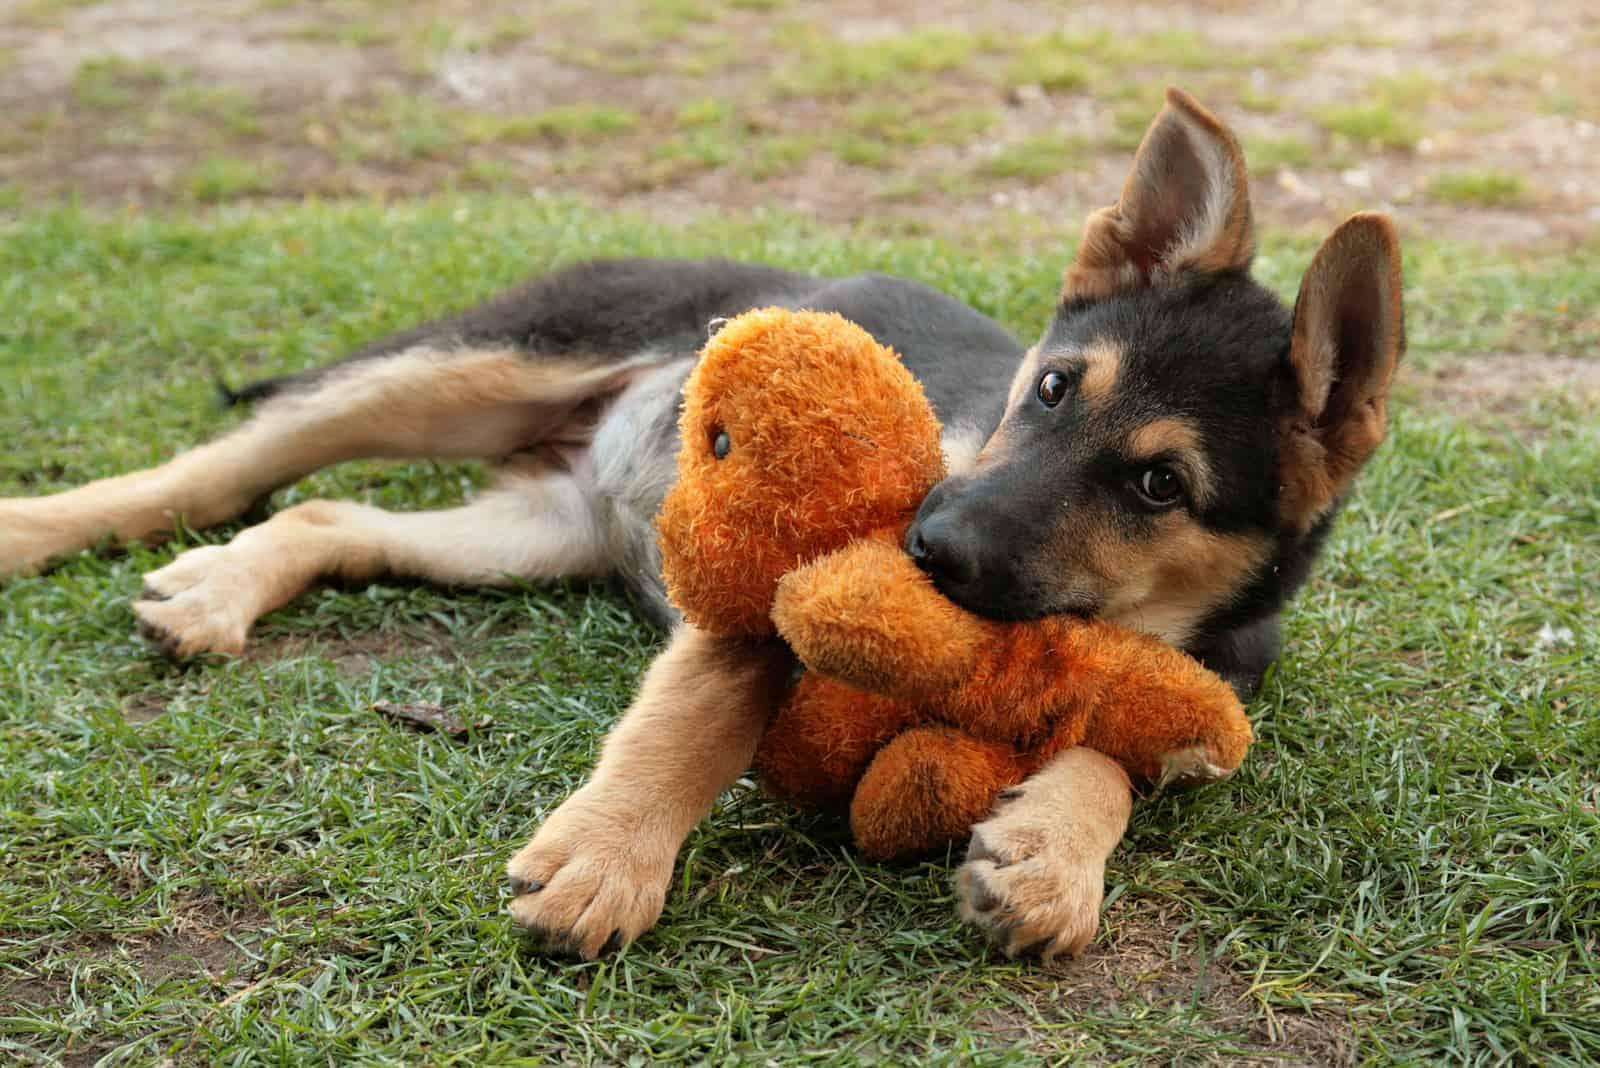 a German Shepherd plush toy